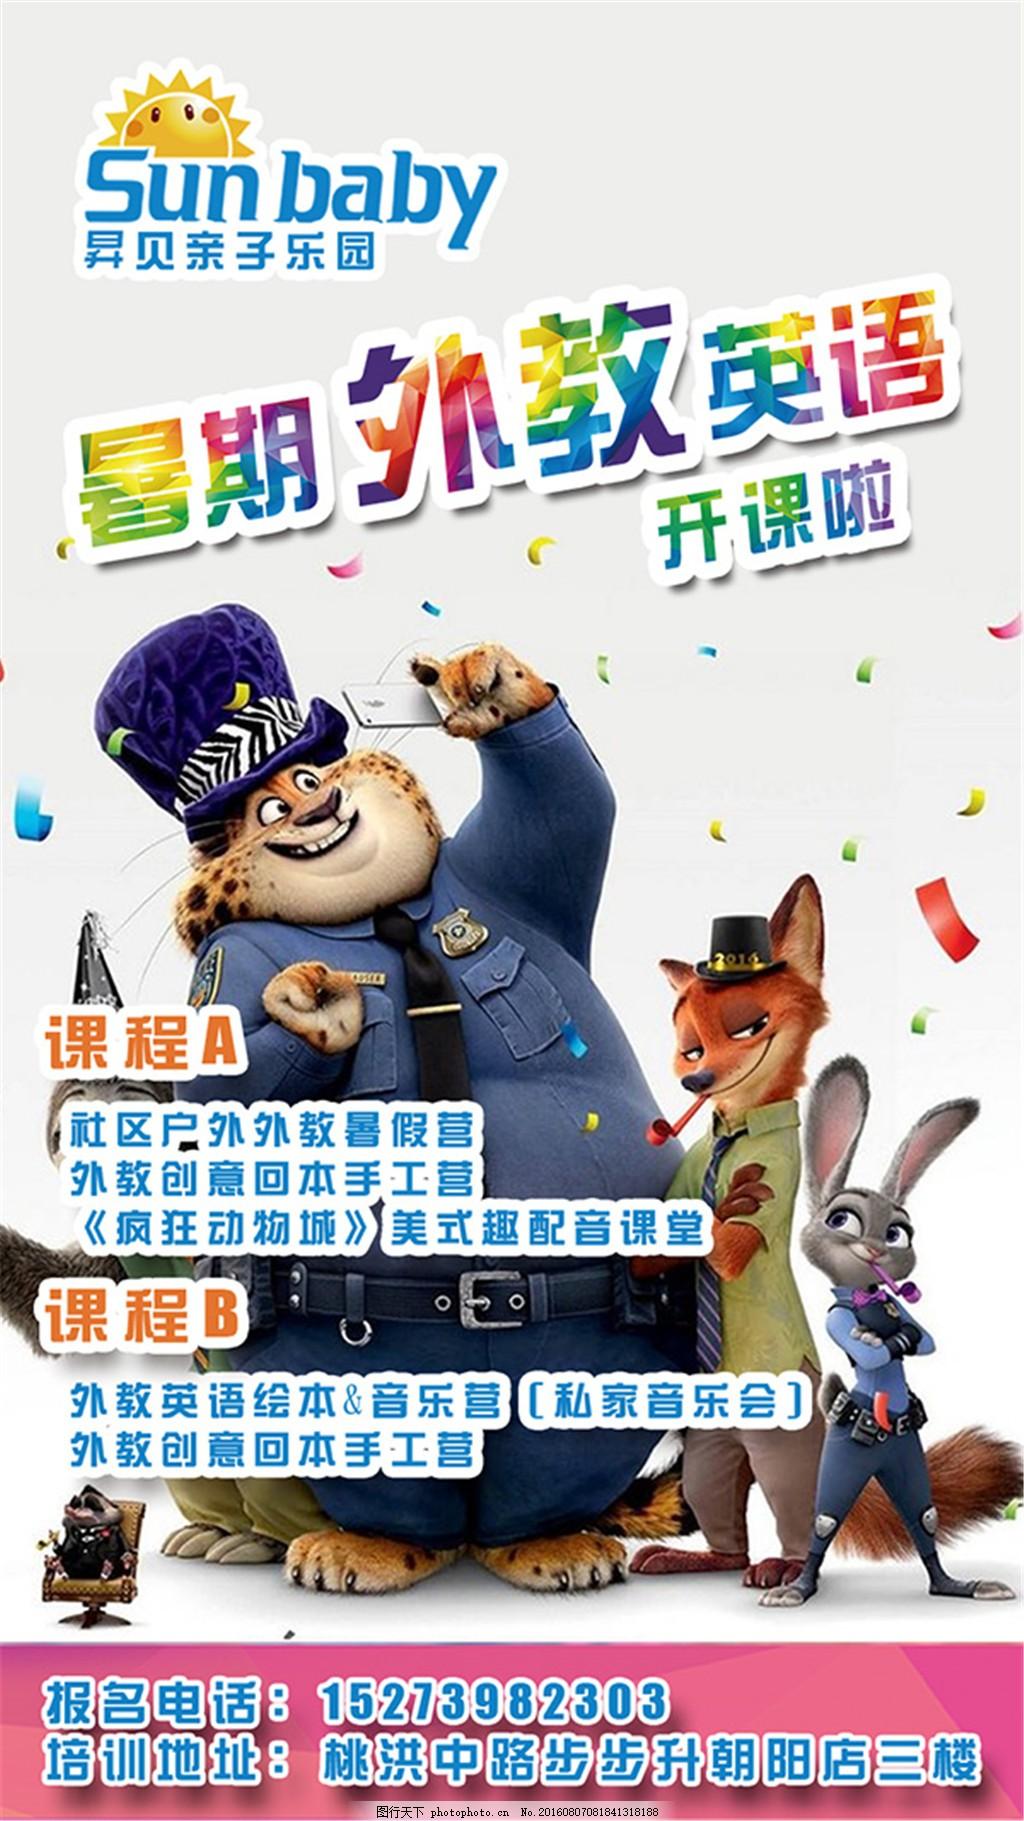 儿童 亲子 外教 暑期外教英语 开课啦 课程 疯狂动物城 海报设计 psd